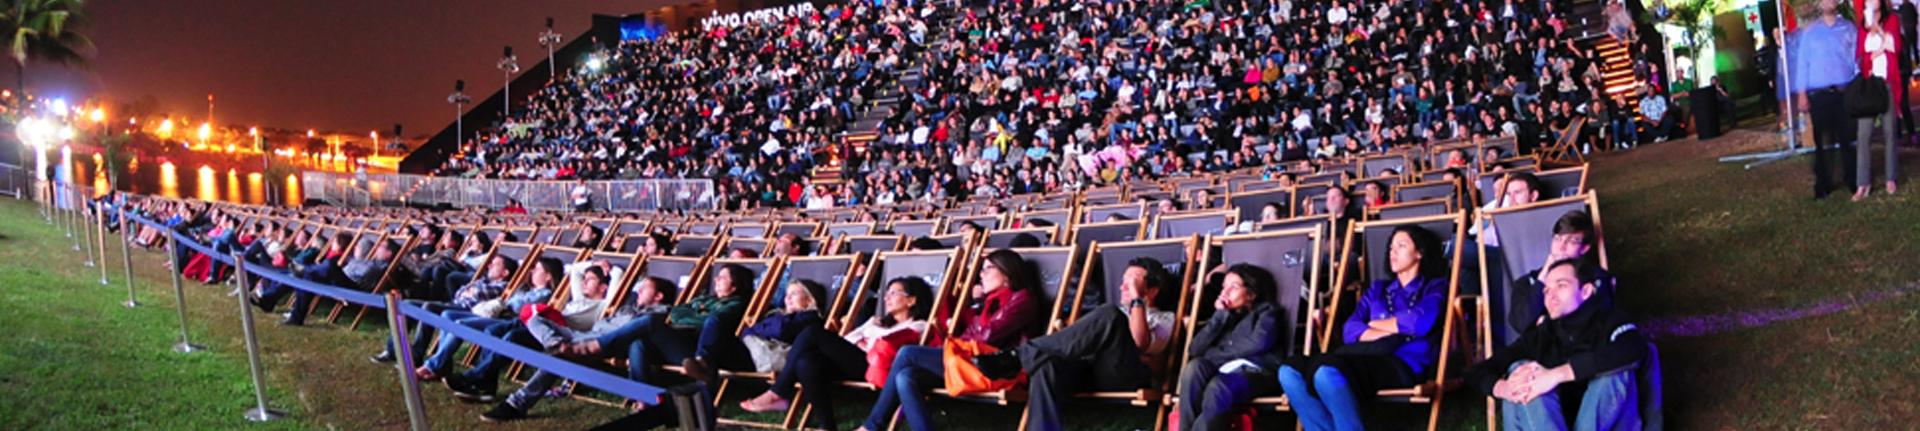 Festival Vivo Open Air em Recife